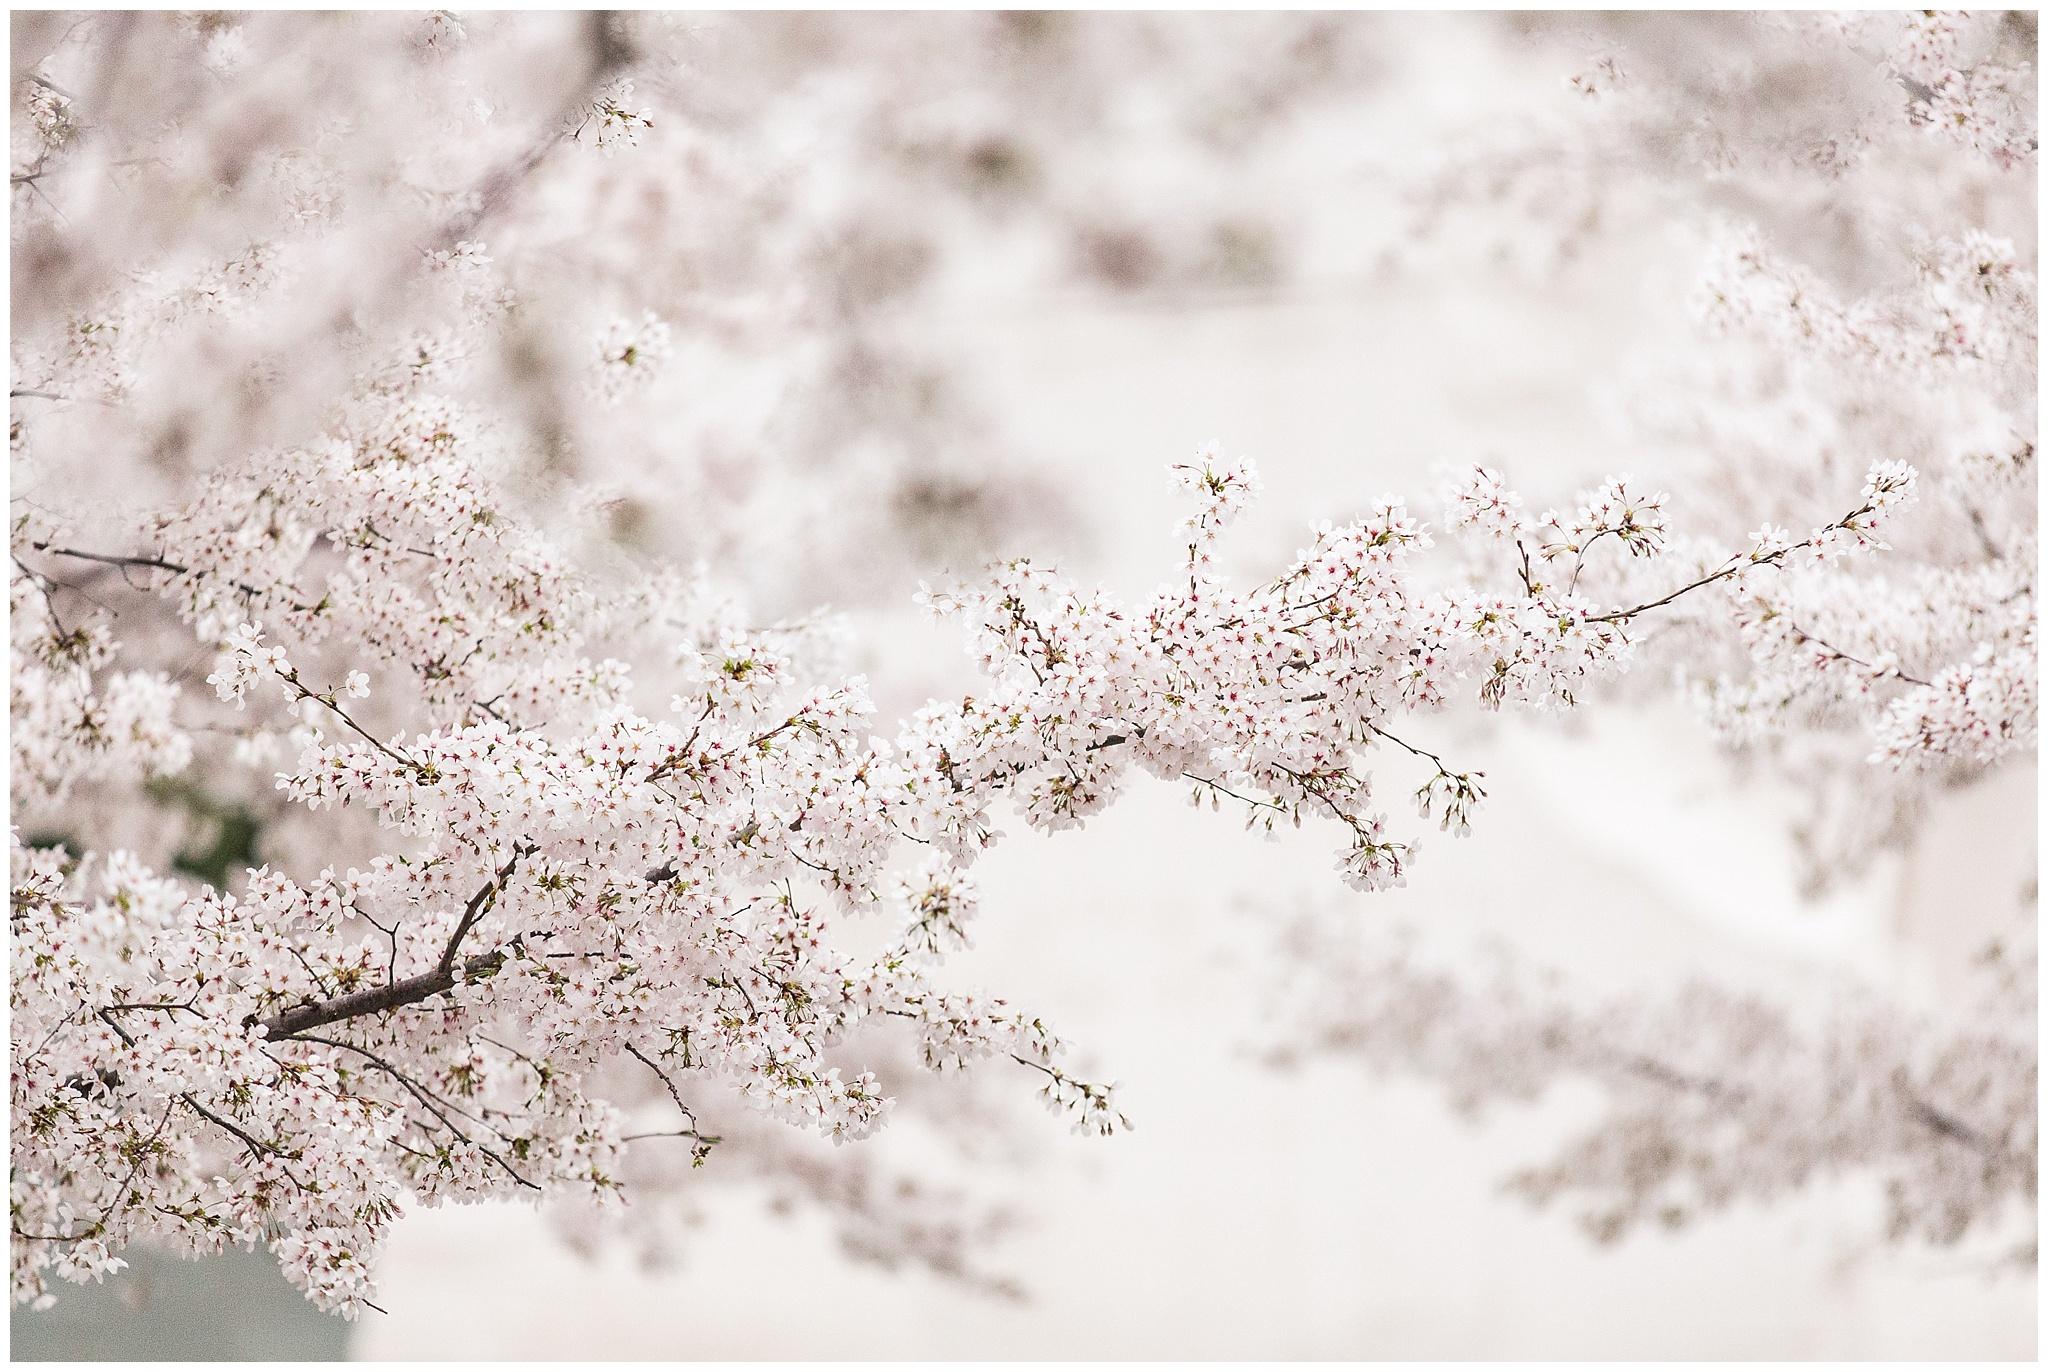 cherryblossoms_0019.jpg